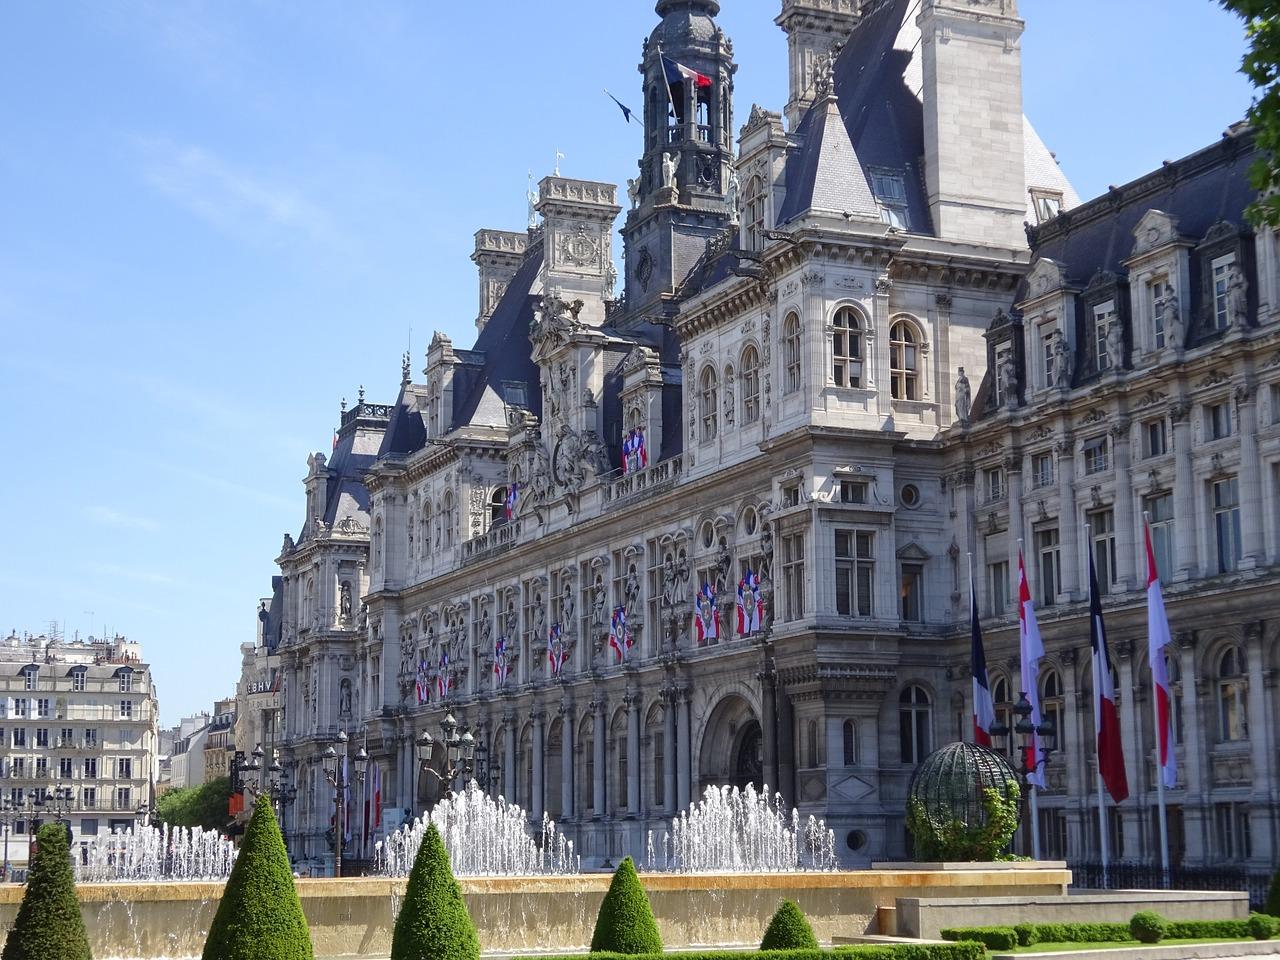 hotel de ville Paris in Le Marais